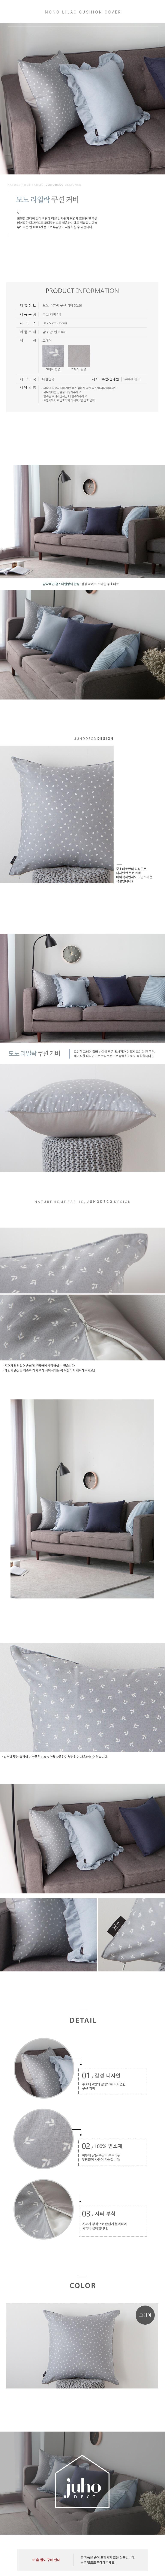 모노 라일락 쿠션 커버 50x50 - 주호데코, 8,000원, 쿠션, 패턴/도트